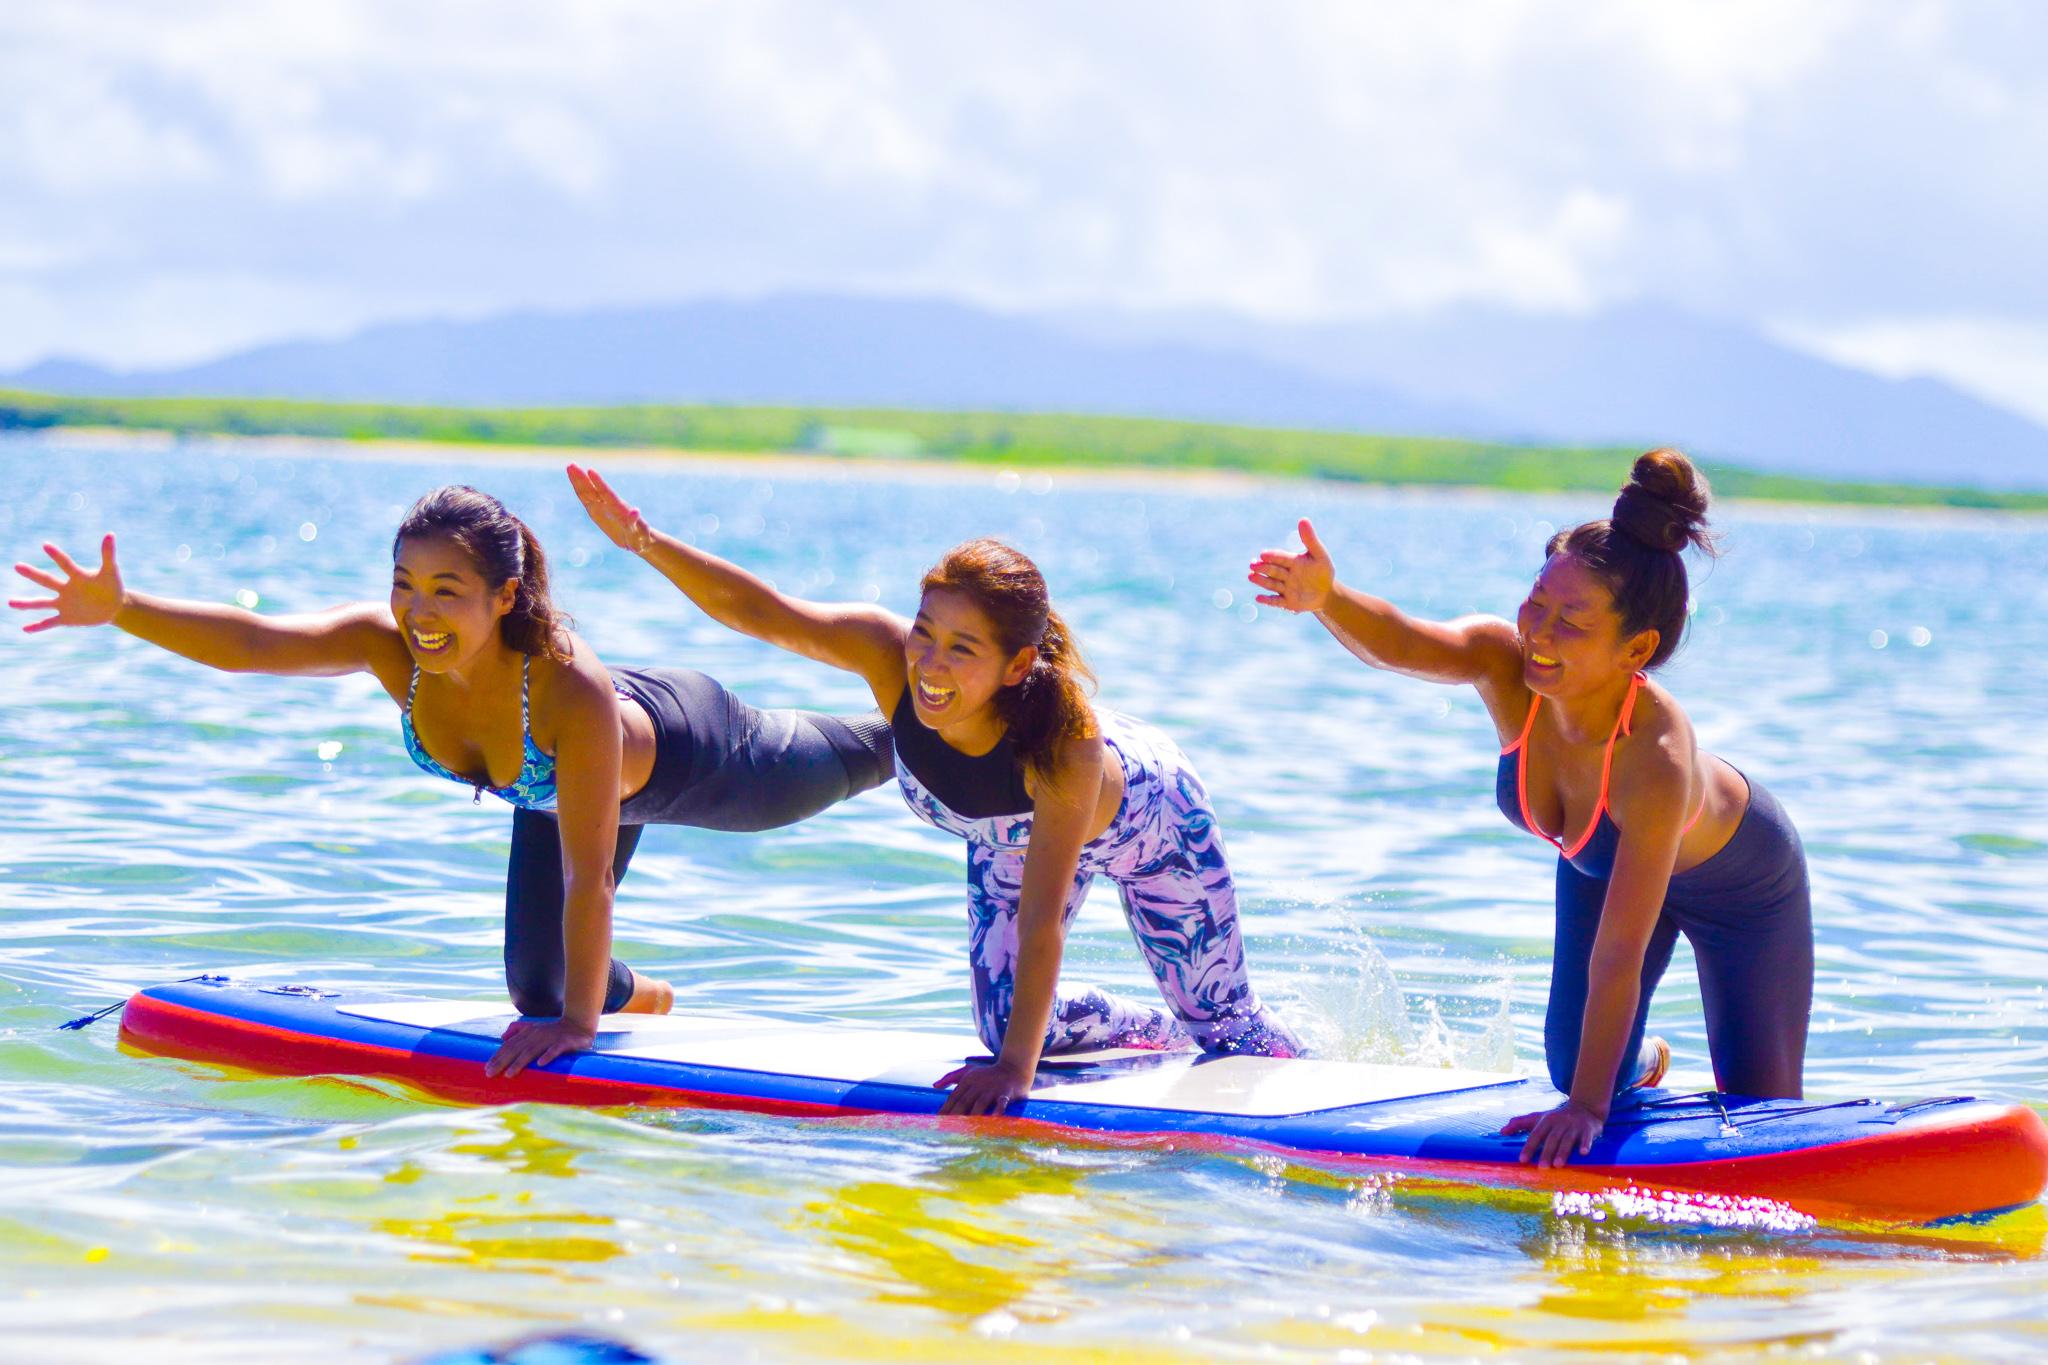 ボードの上でヨガのポーズをとる女性達